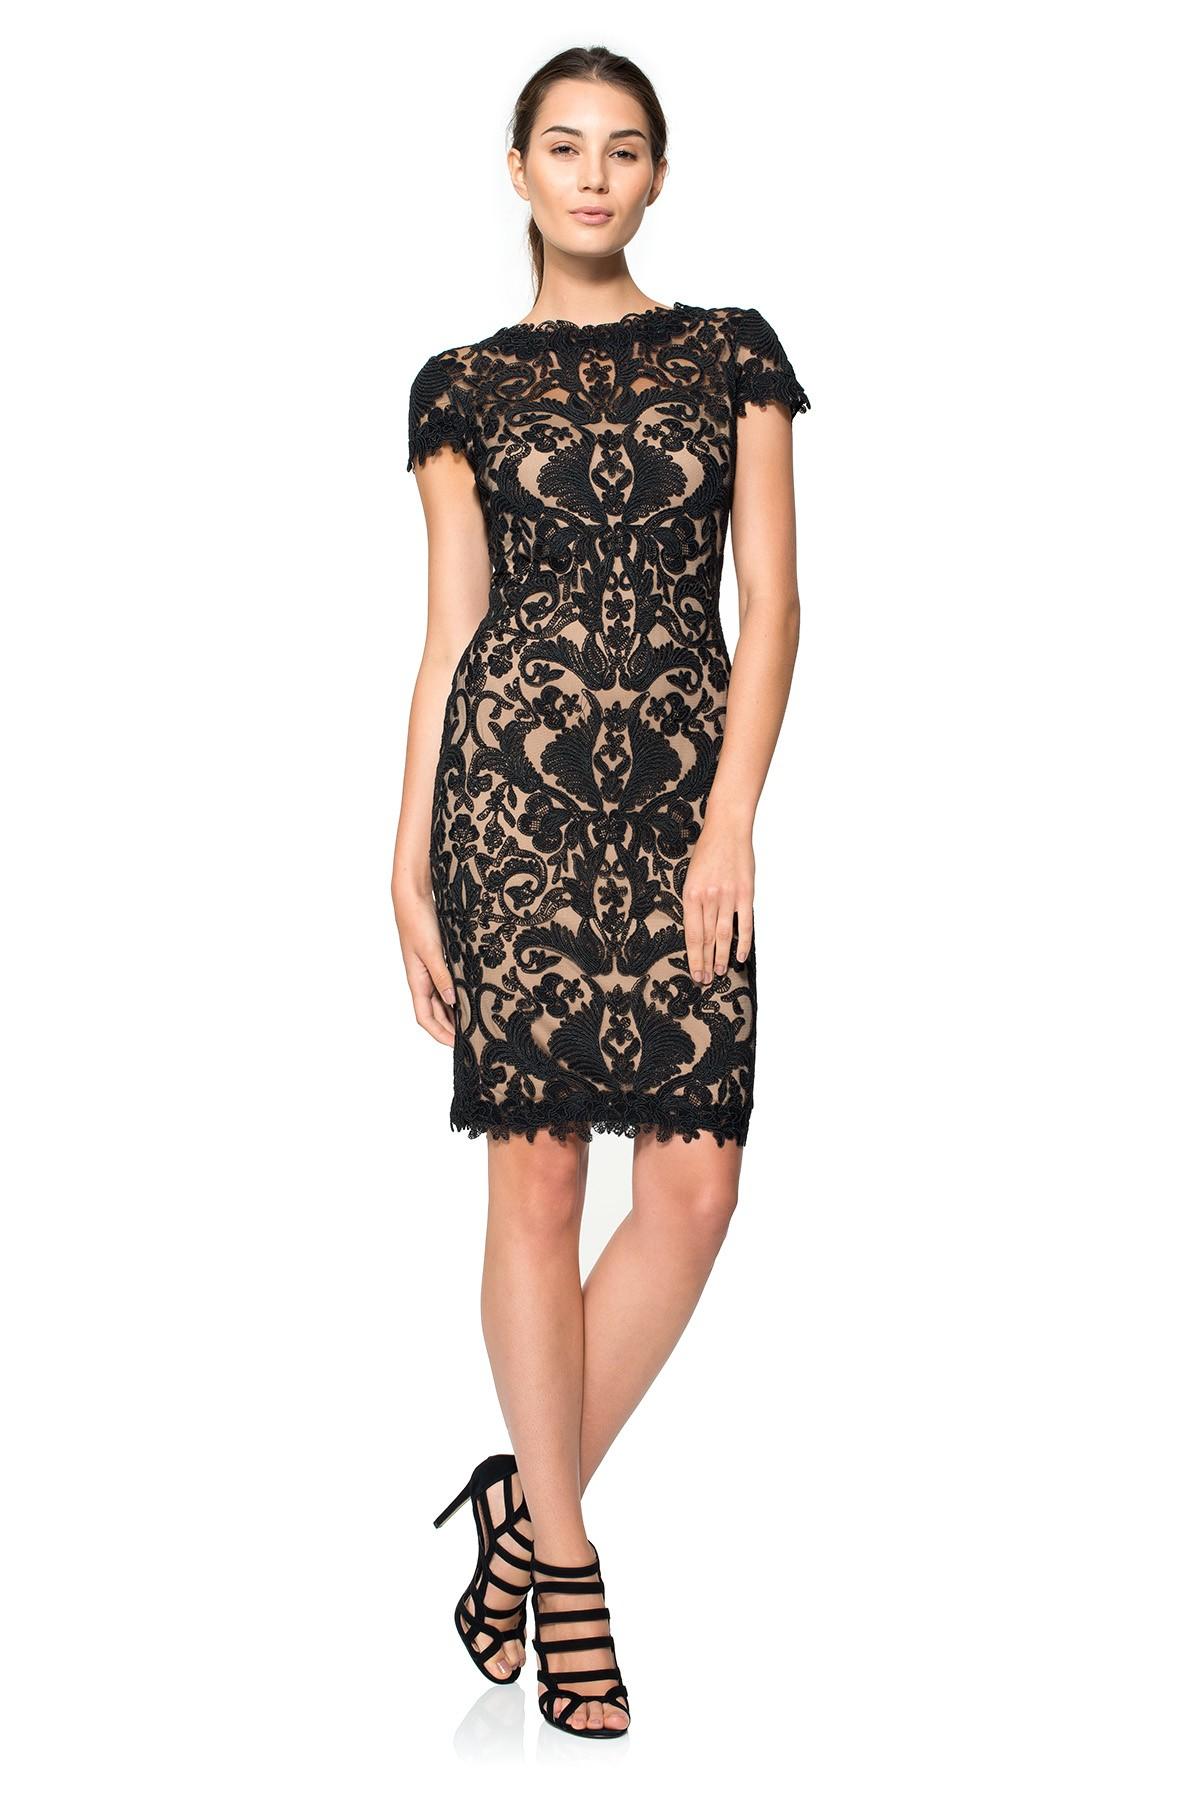 204623d19ae Черные кружевные платья  100+ вариантов шикарных фасонов и сочетаний